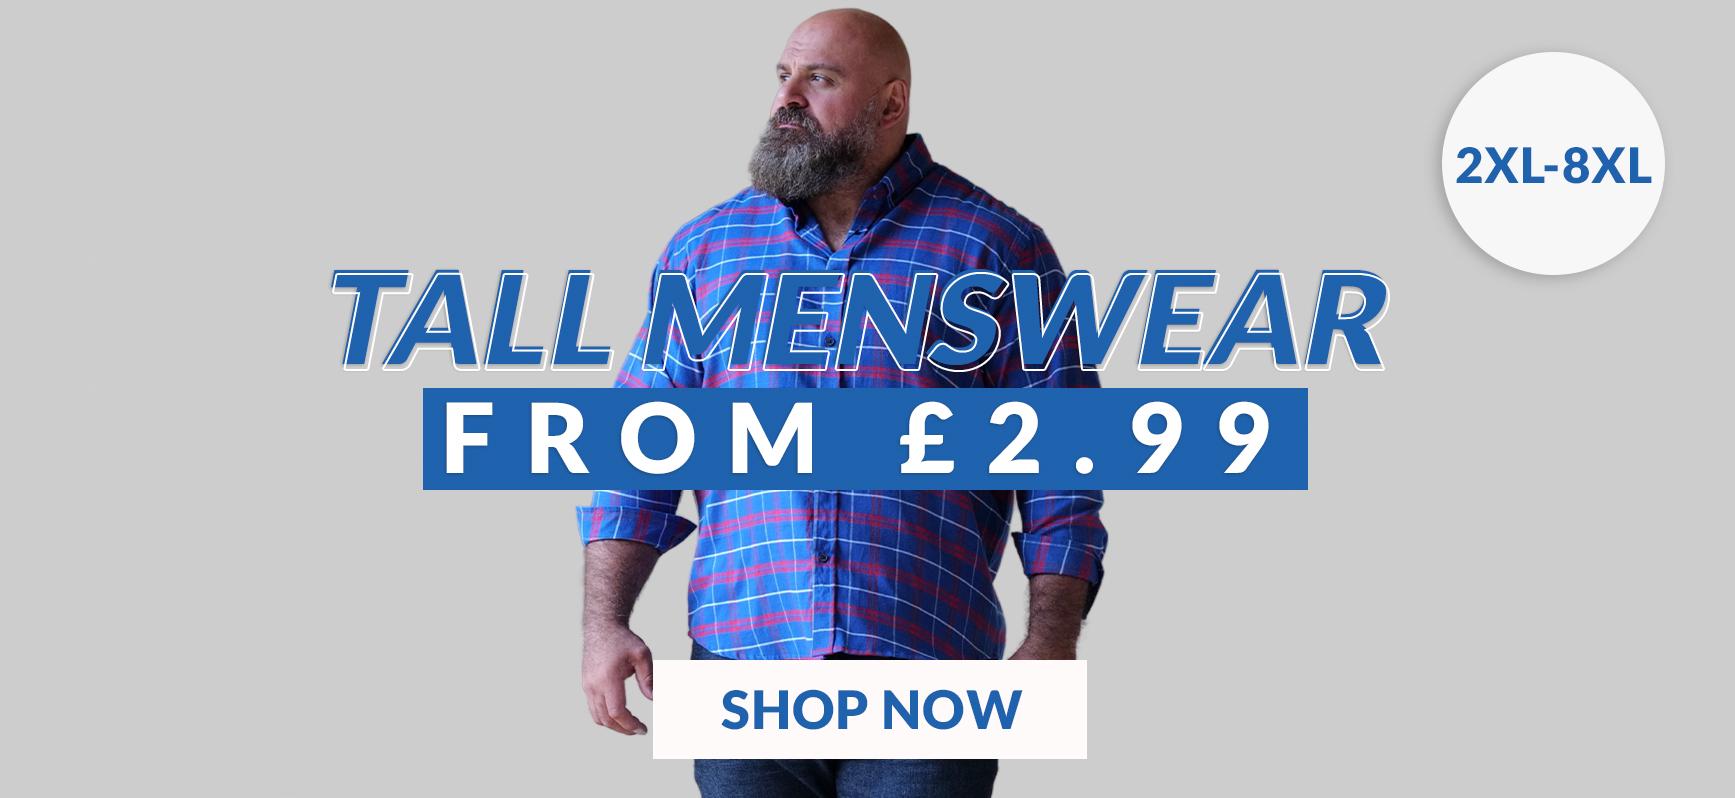 Shop Tall Menswear